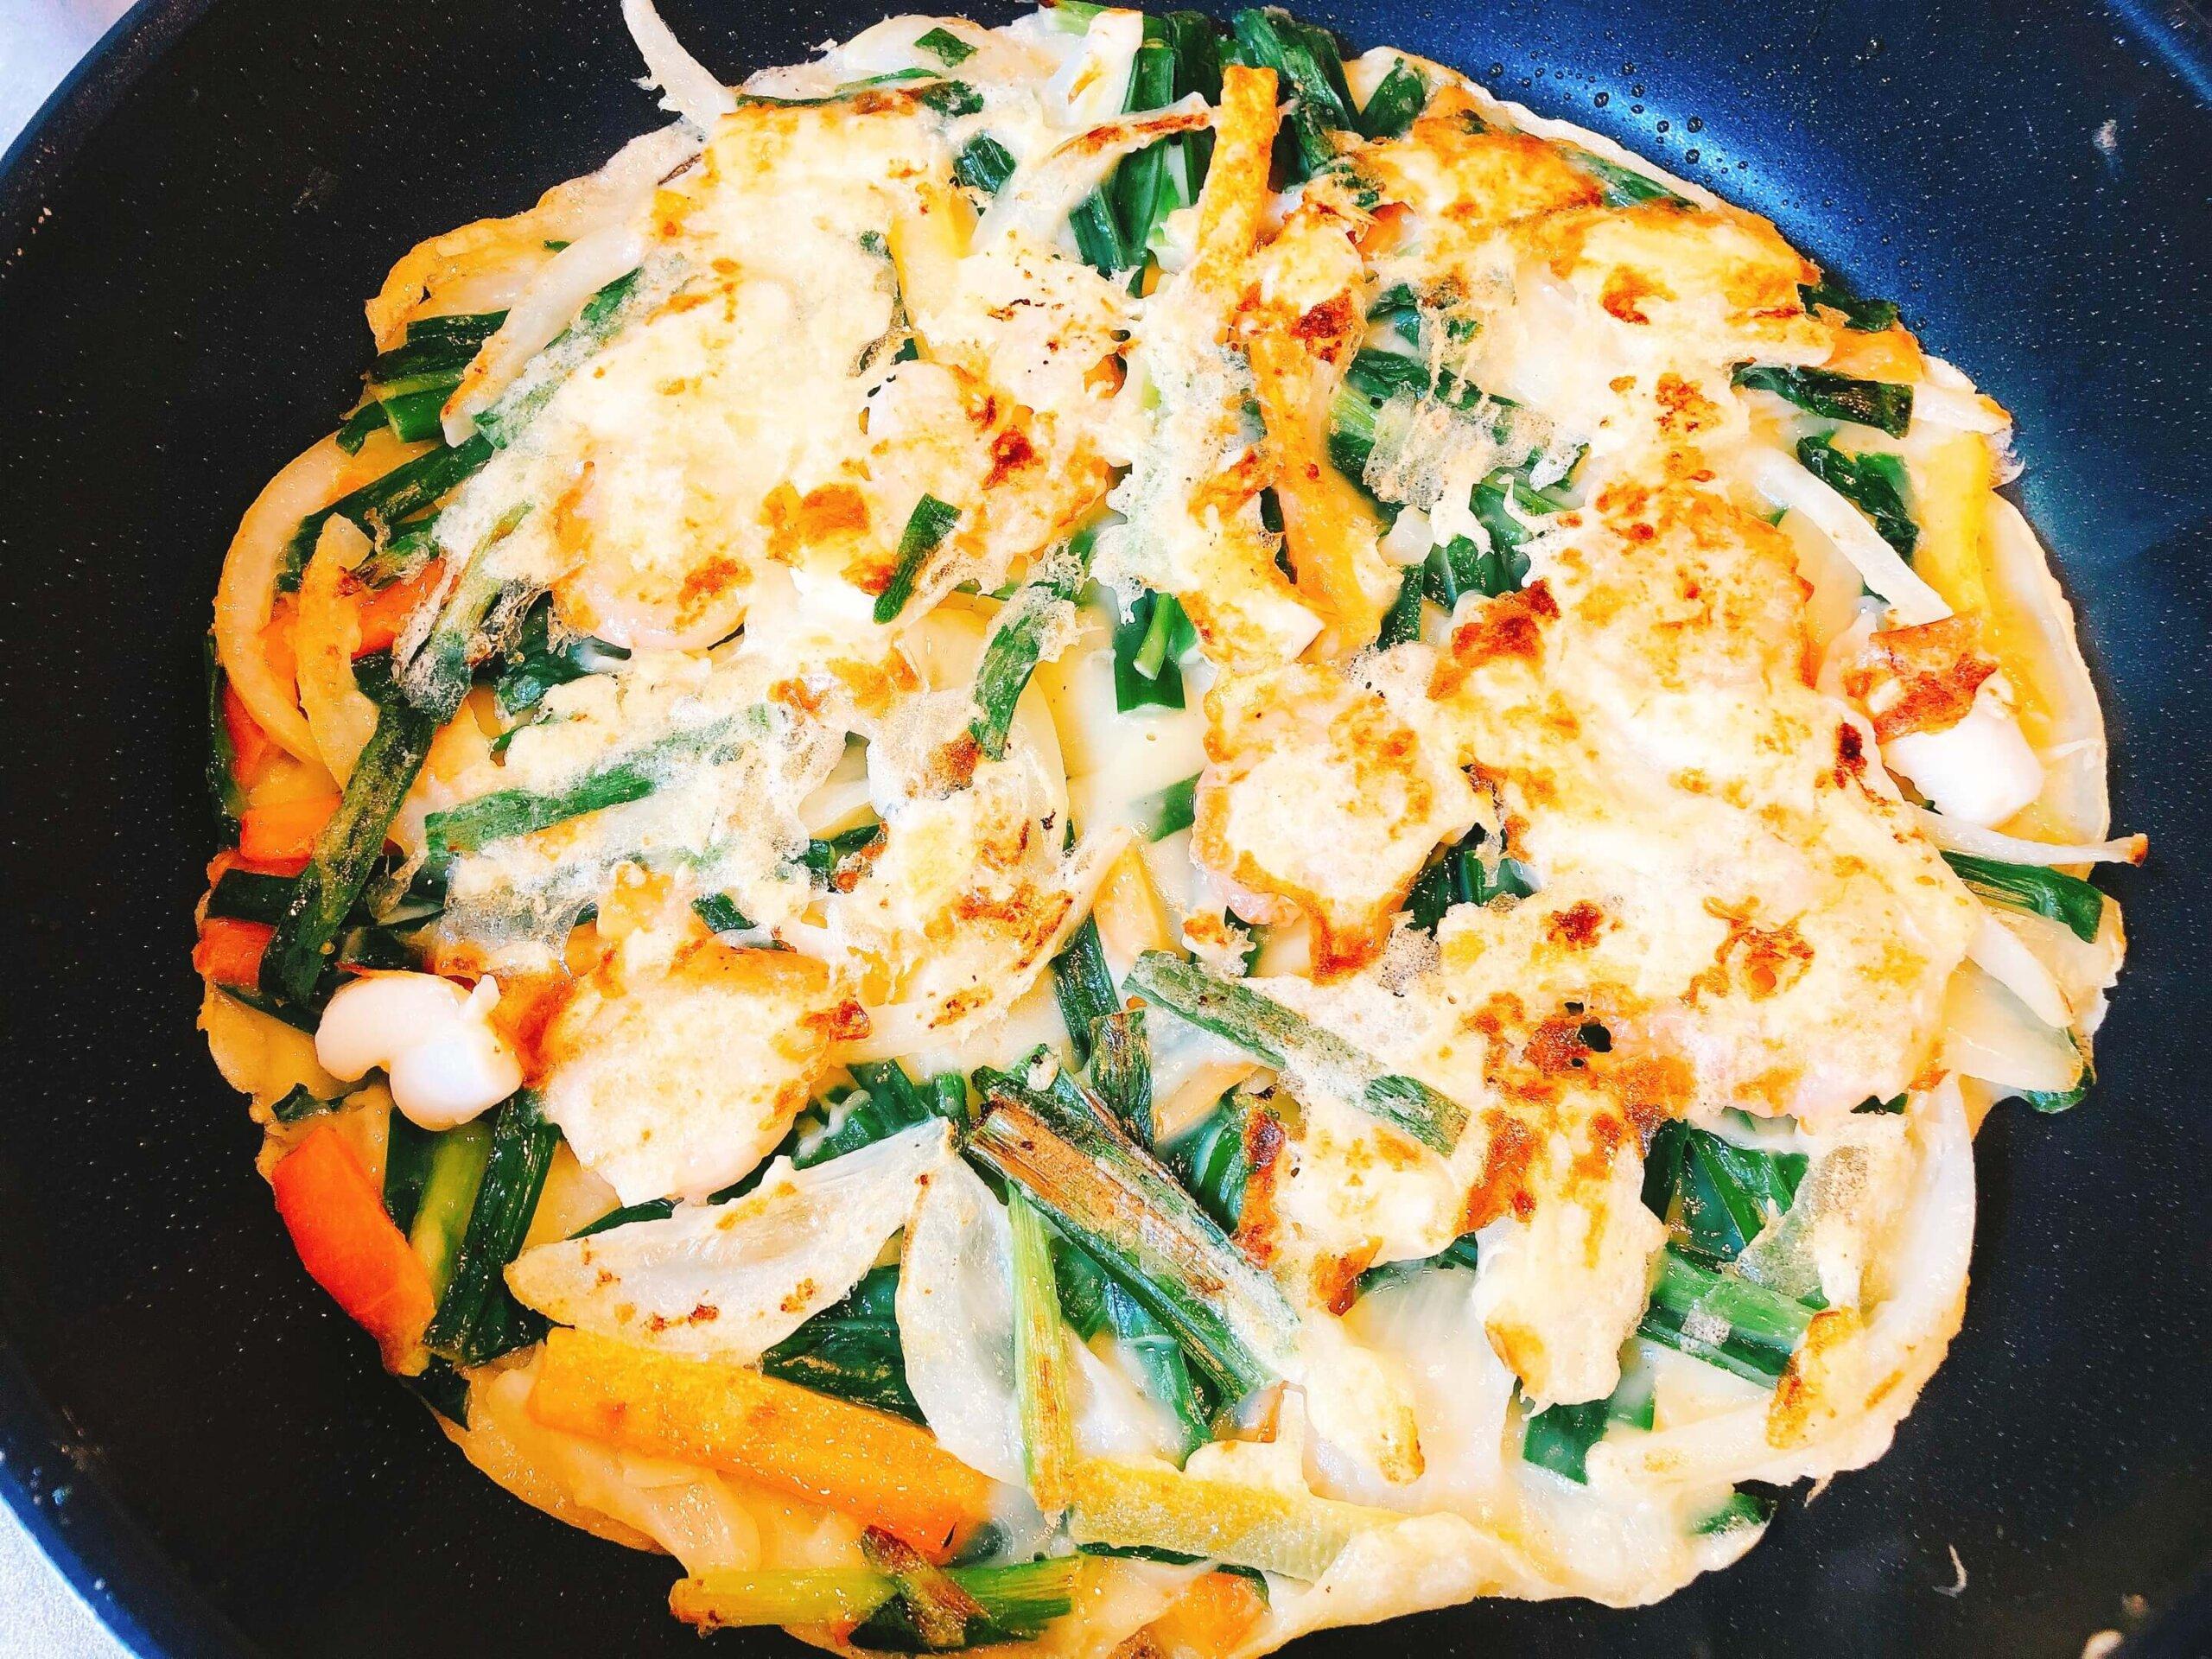 海鮮チヂミ調理で海鮮も中に包む